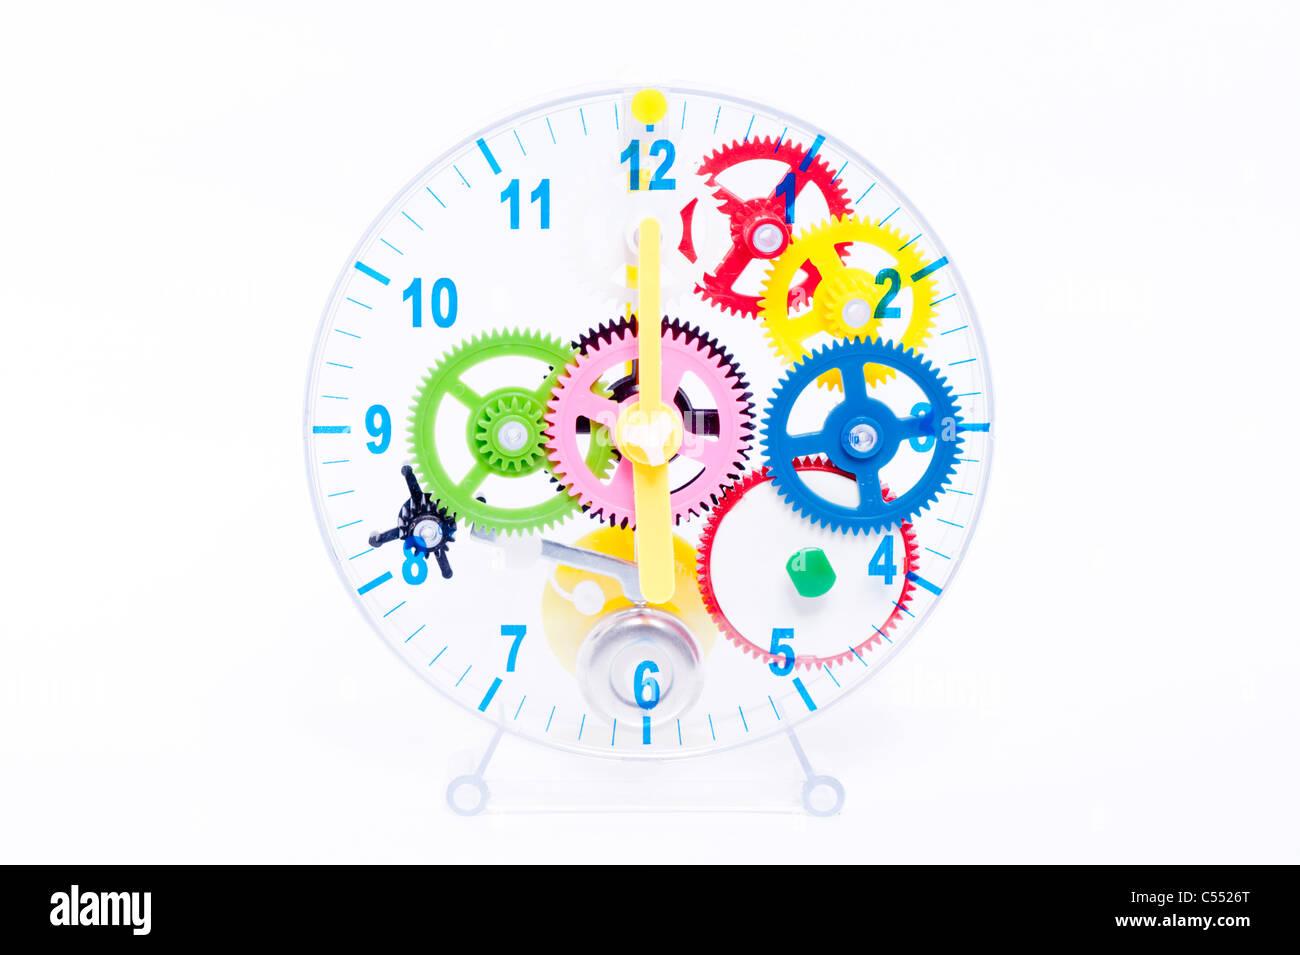 Un enfant faites votre propre horloge transparent kit avec mécanisme de travail sur un fond blanc Photo Stock